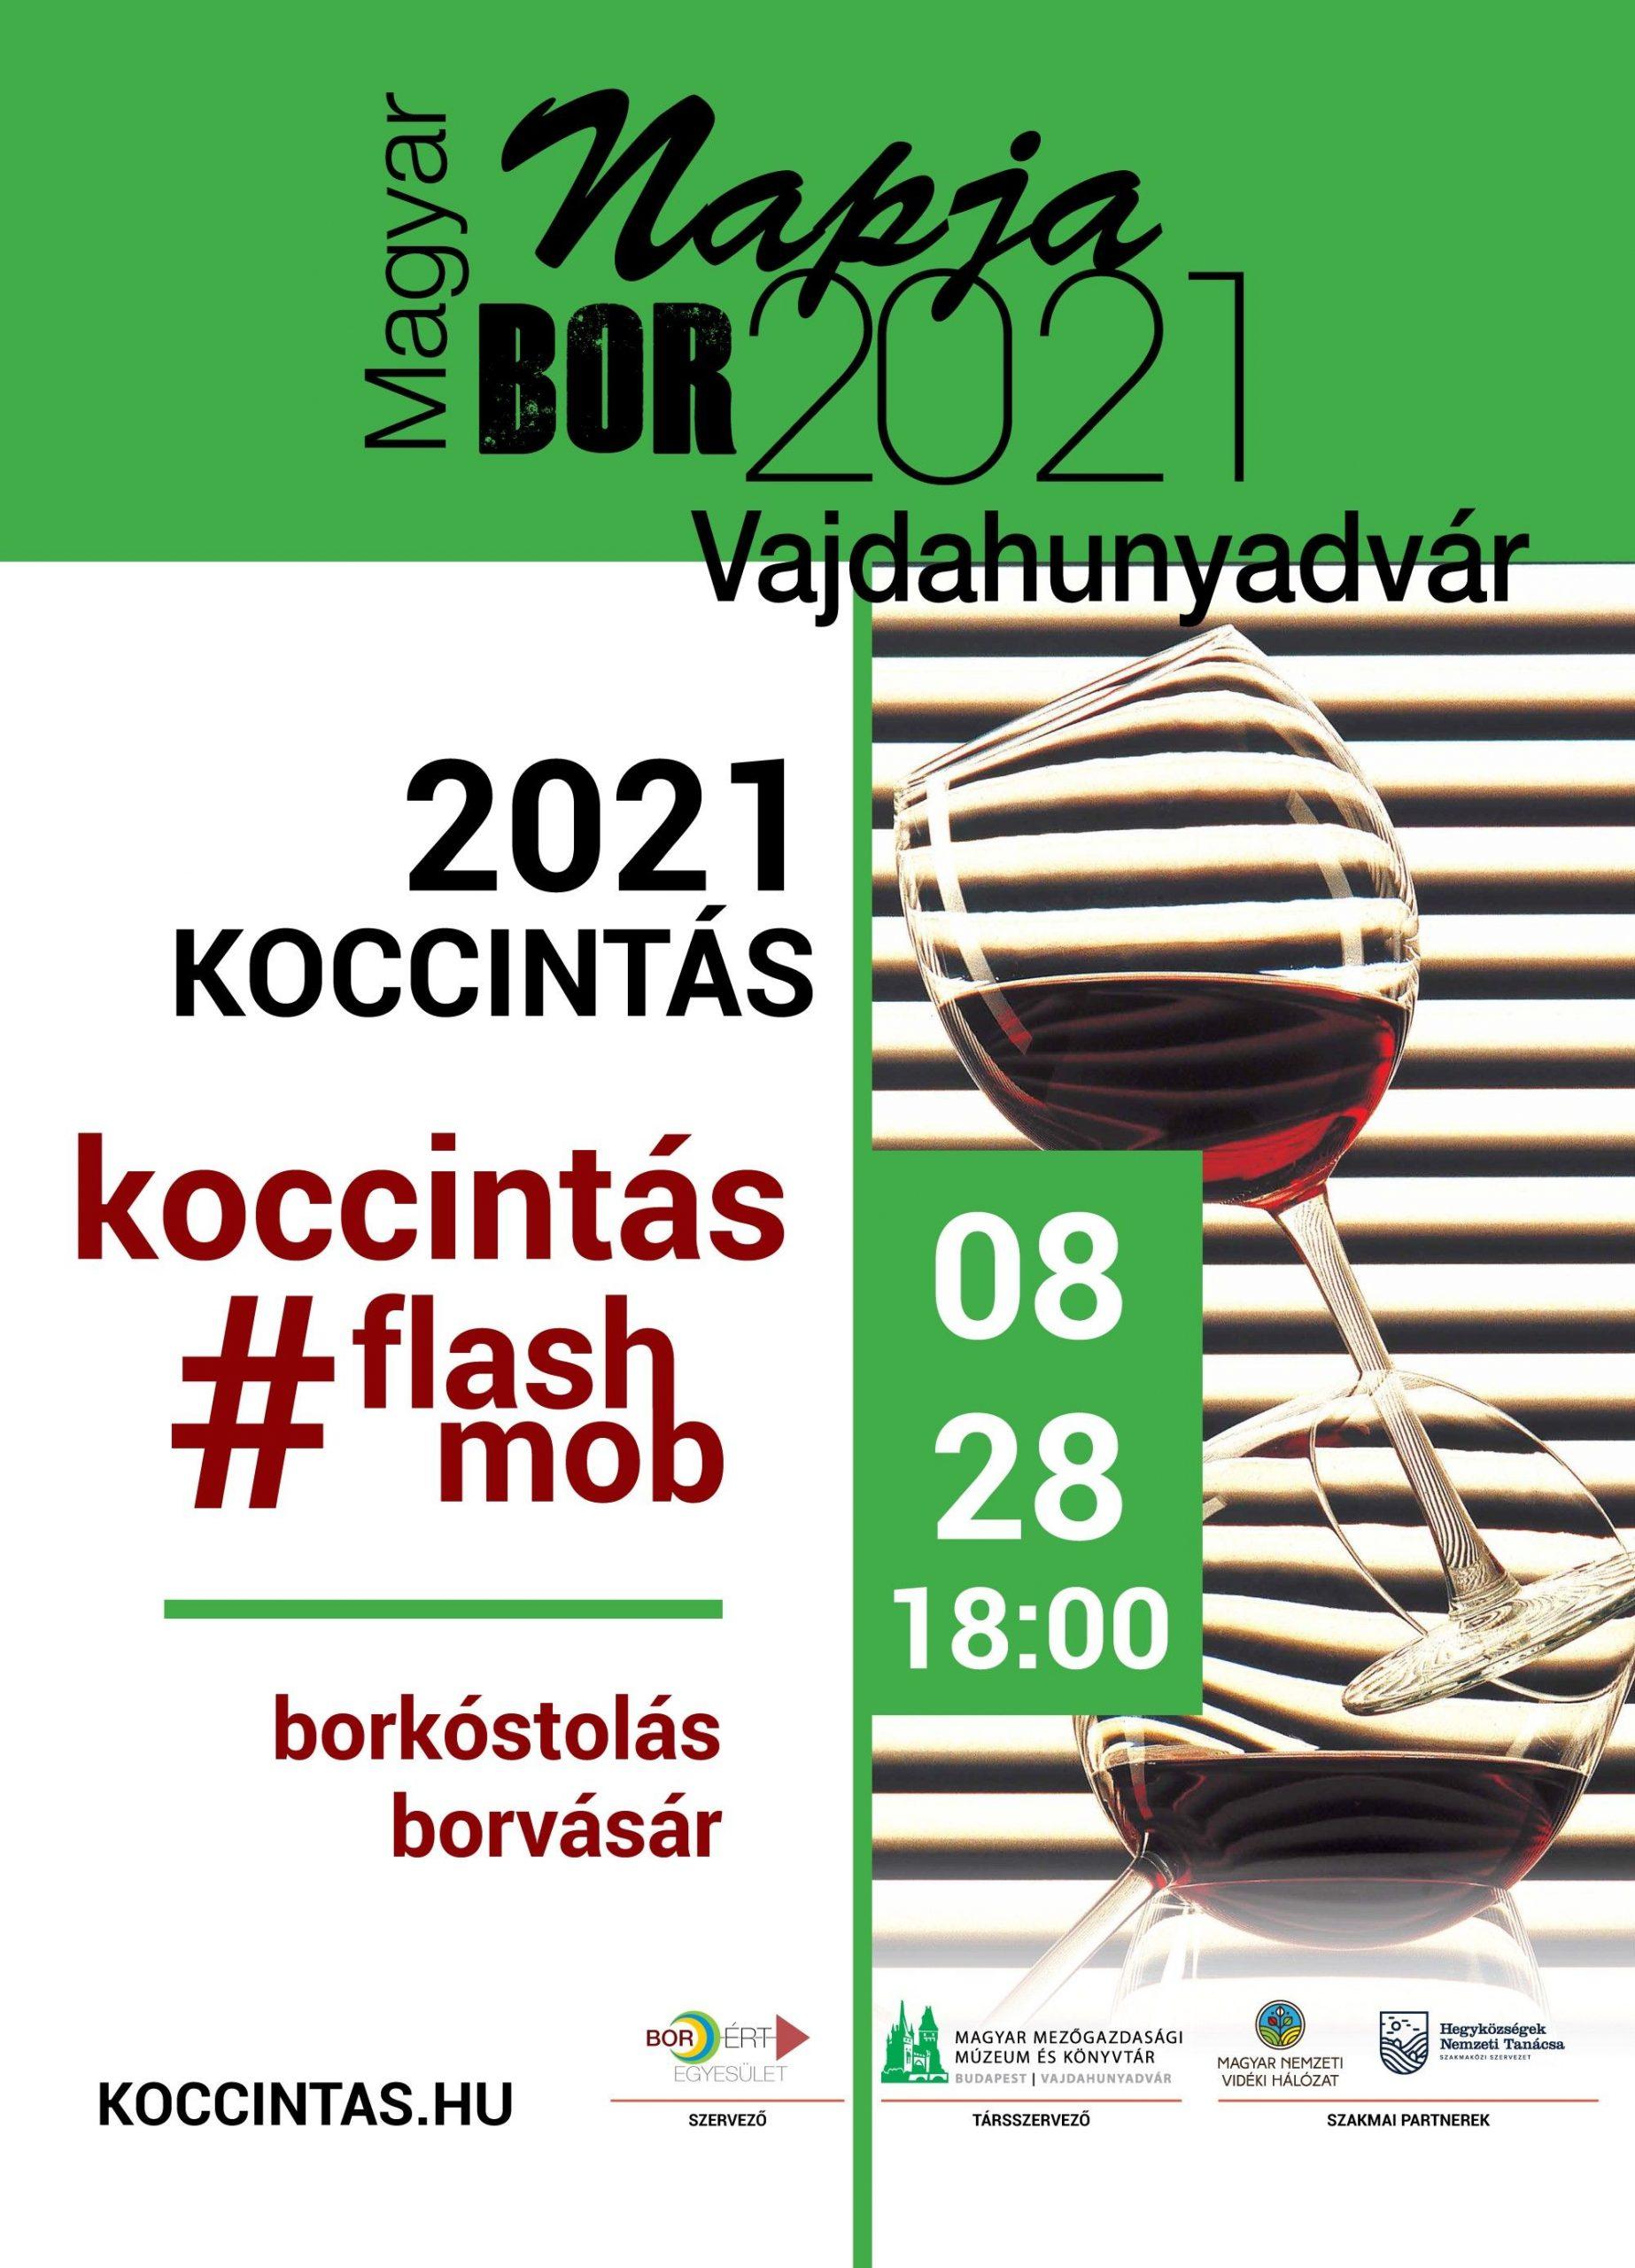 magyar bor napja, koccintas 2021, vajdahunyadvar, bor, fesztival, vasar, magyar, flashmob, program, gasztro, borvasar, ruzs es mas